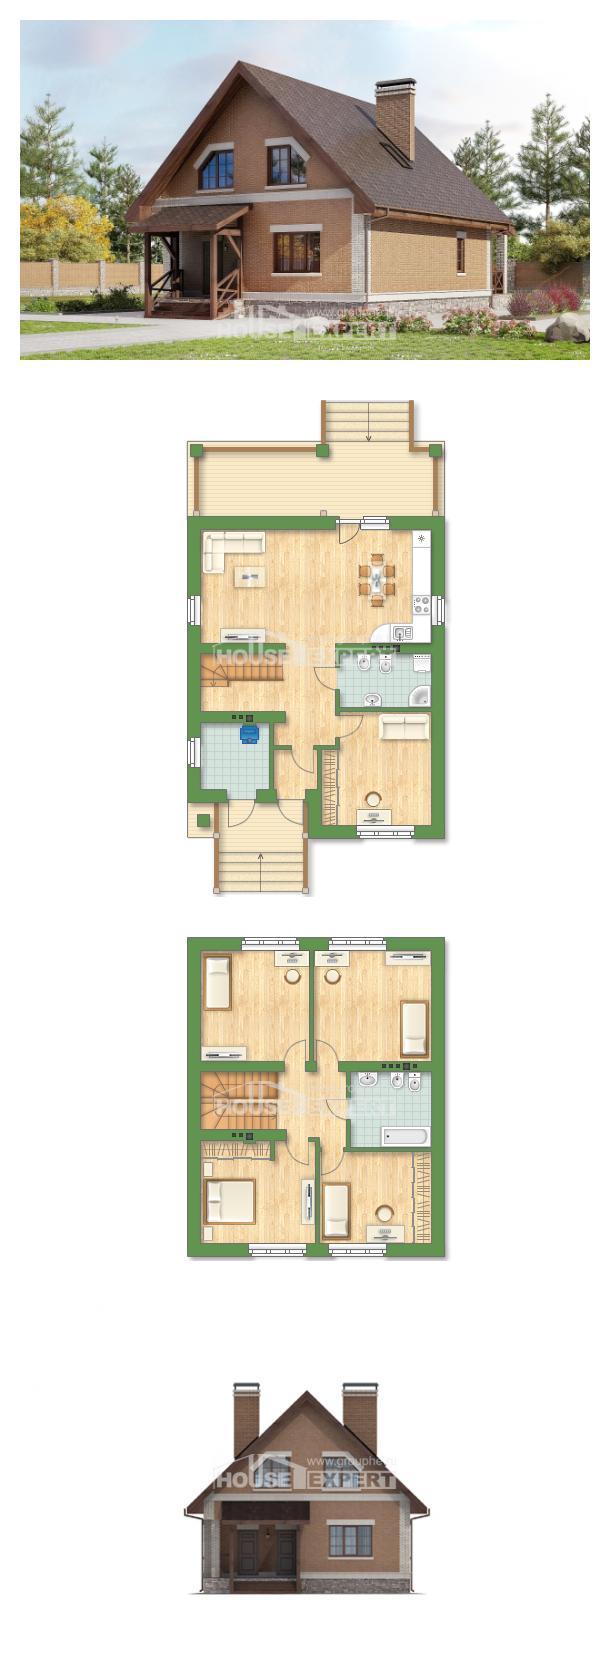 Plan 160-011-L | House Expert